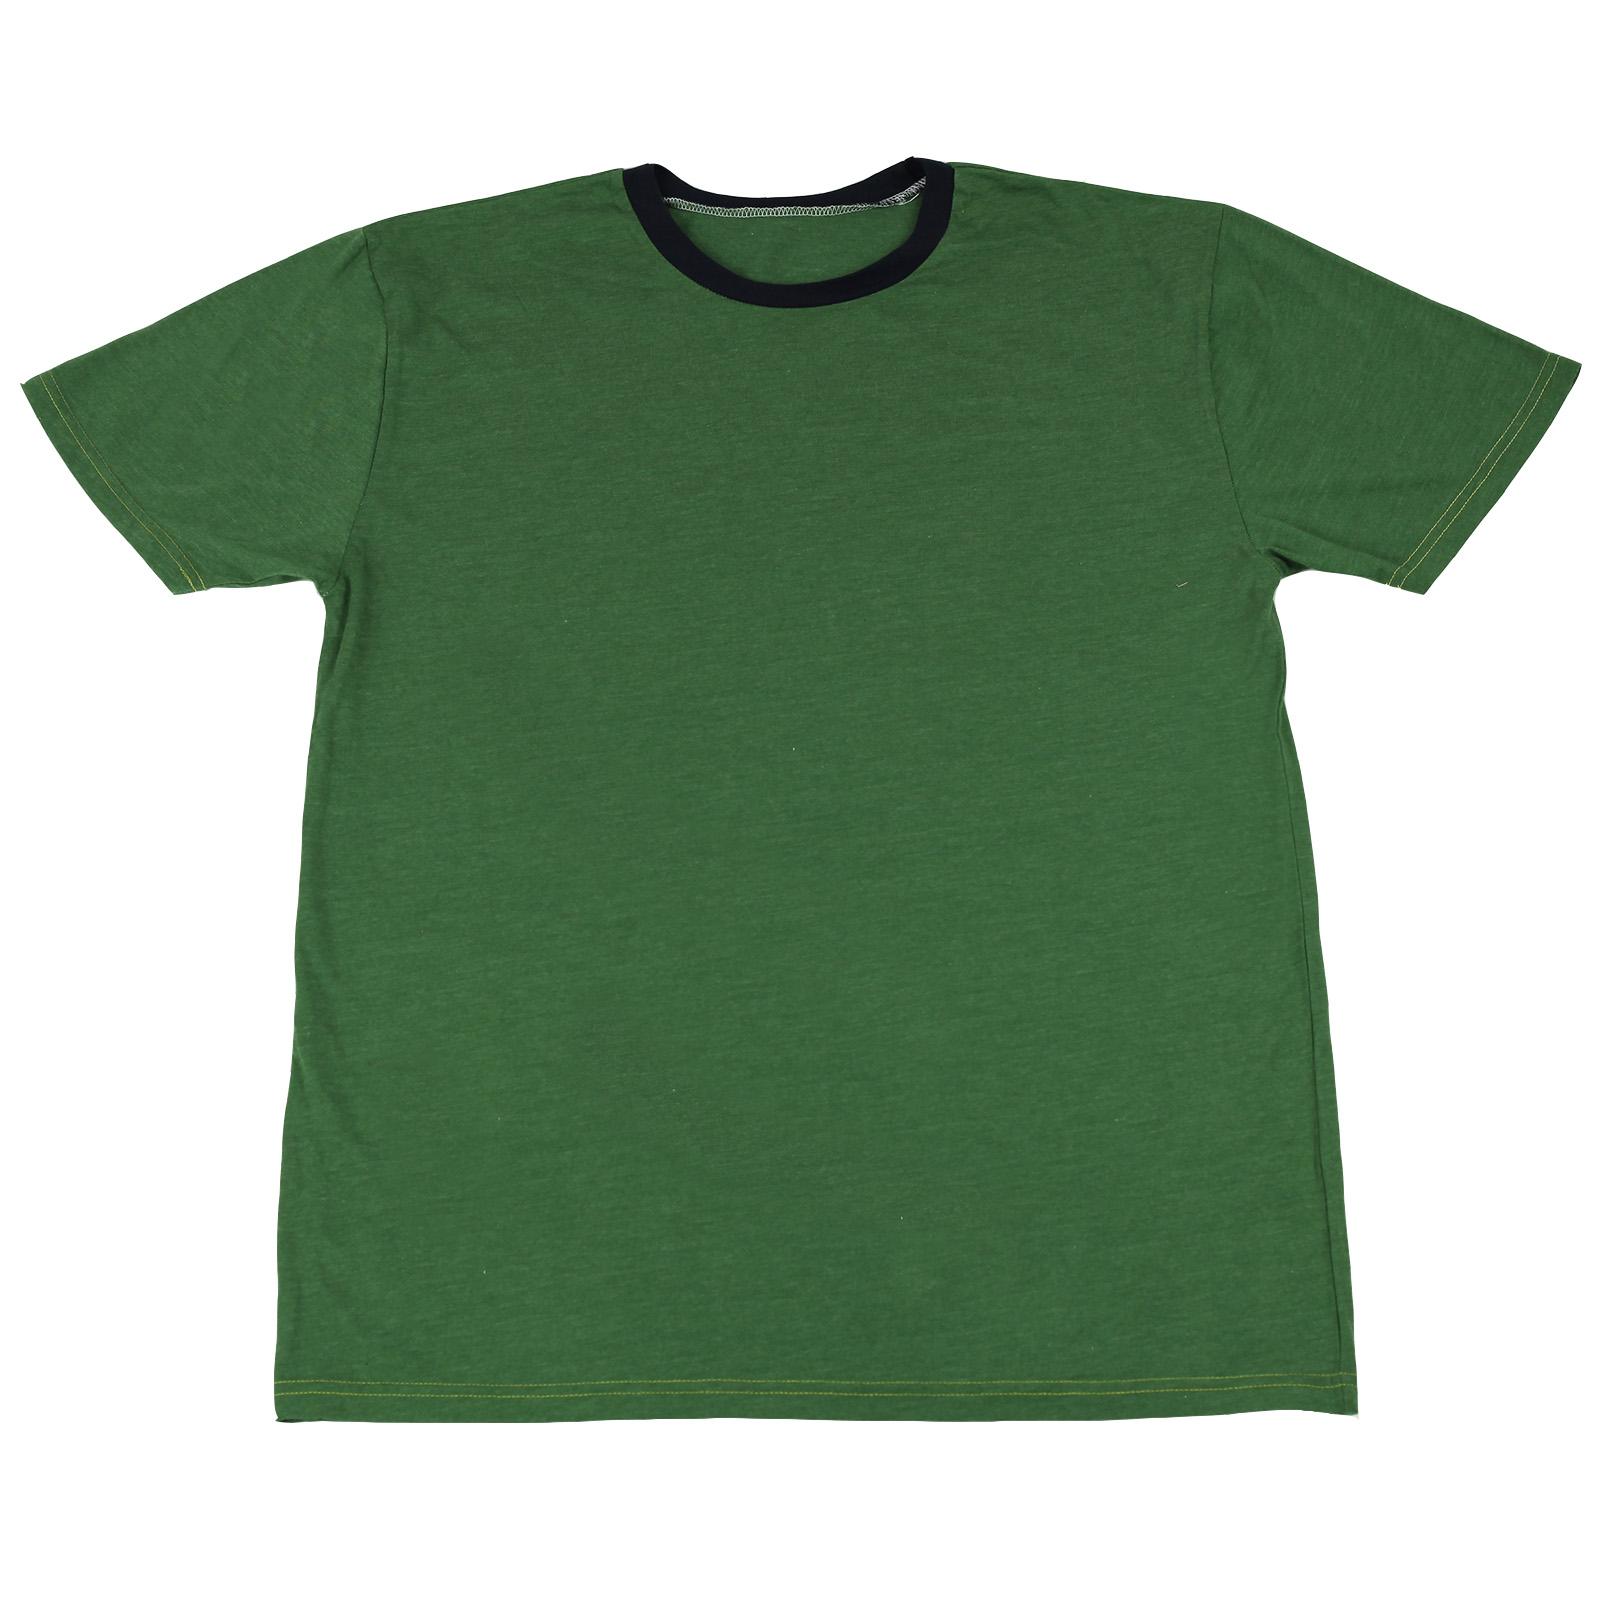 Однотонная футболка из 100% хлопка